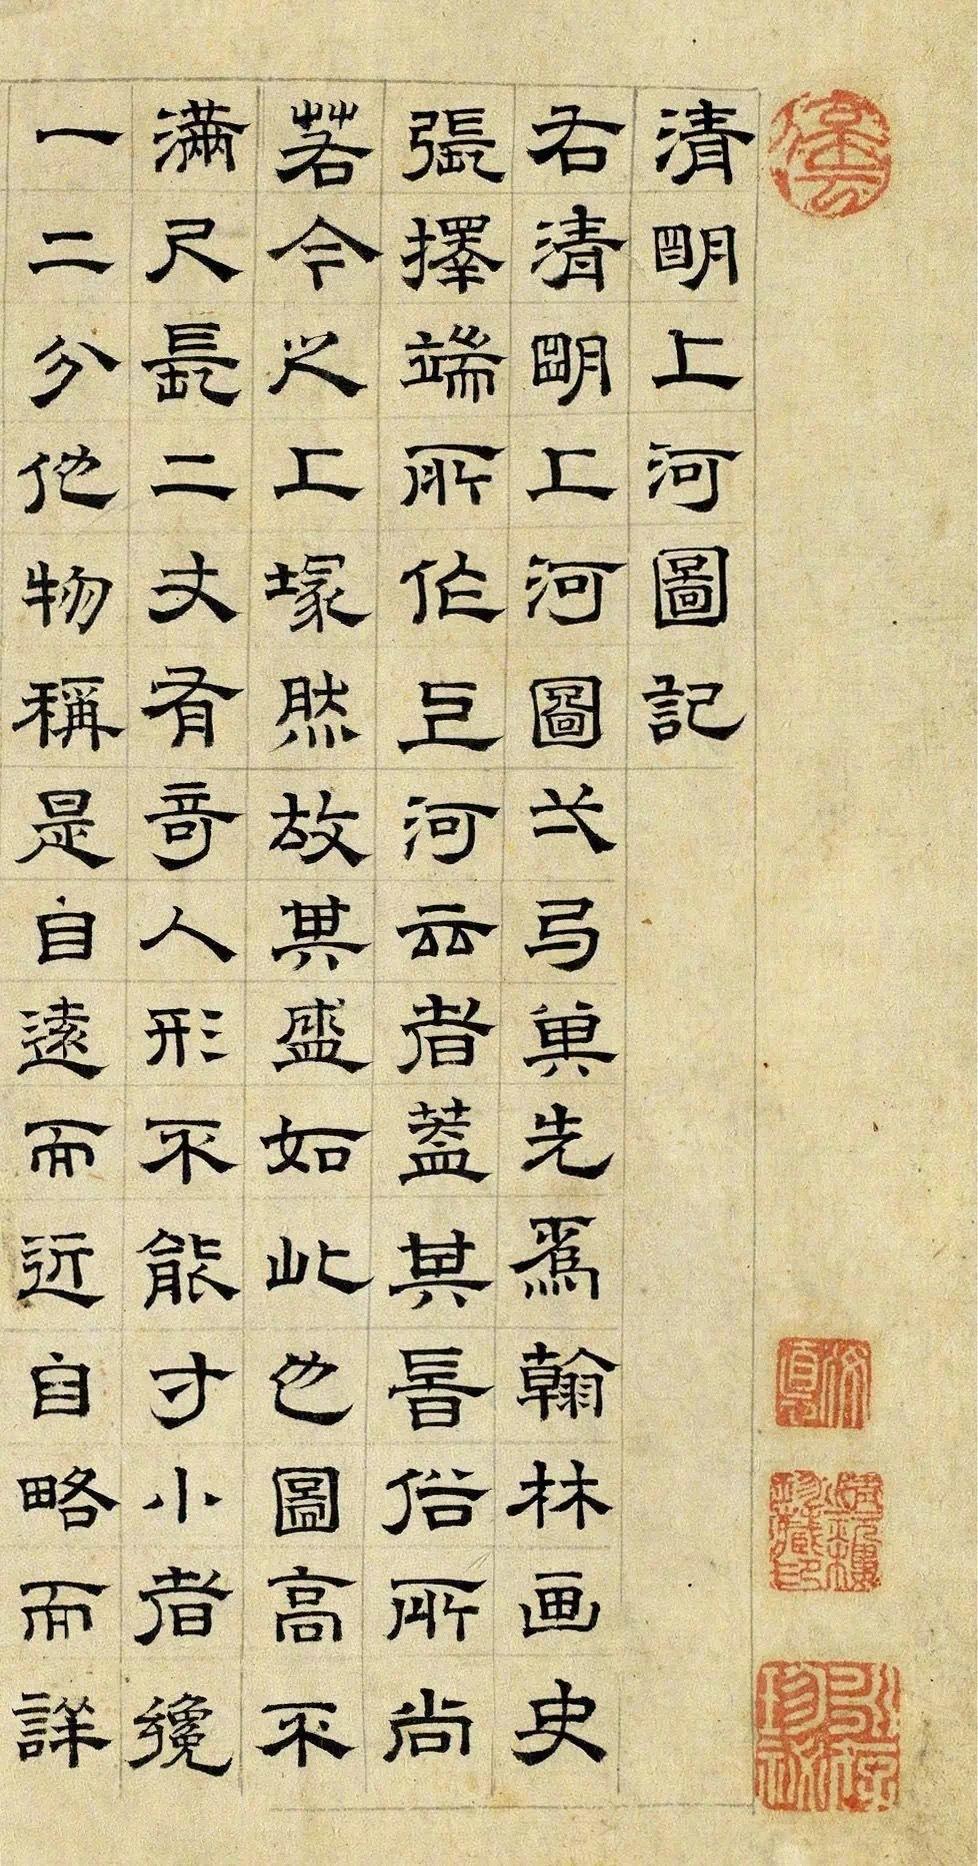 文徵明《清明上河图记》隶书,嘉靖二十八年已酉(1549)二月